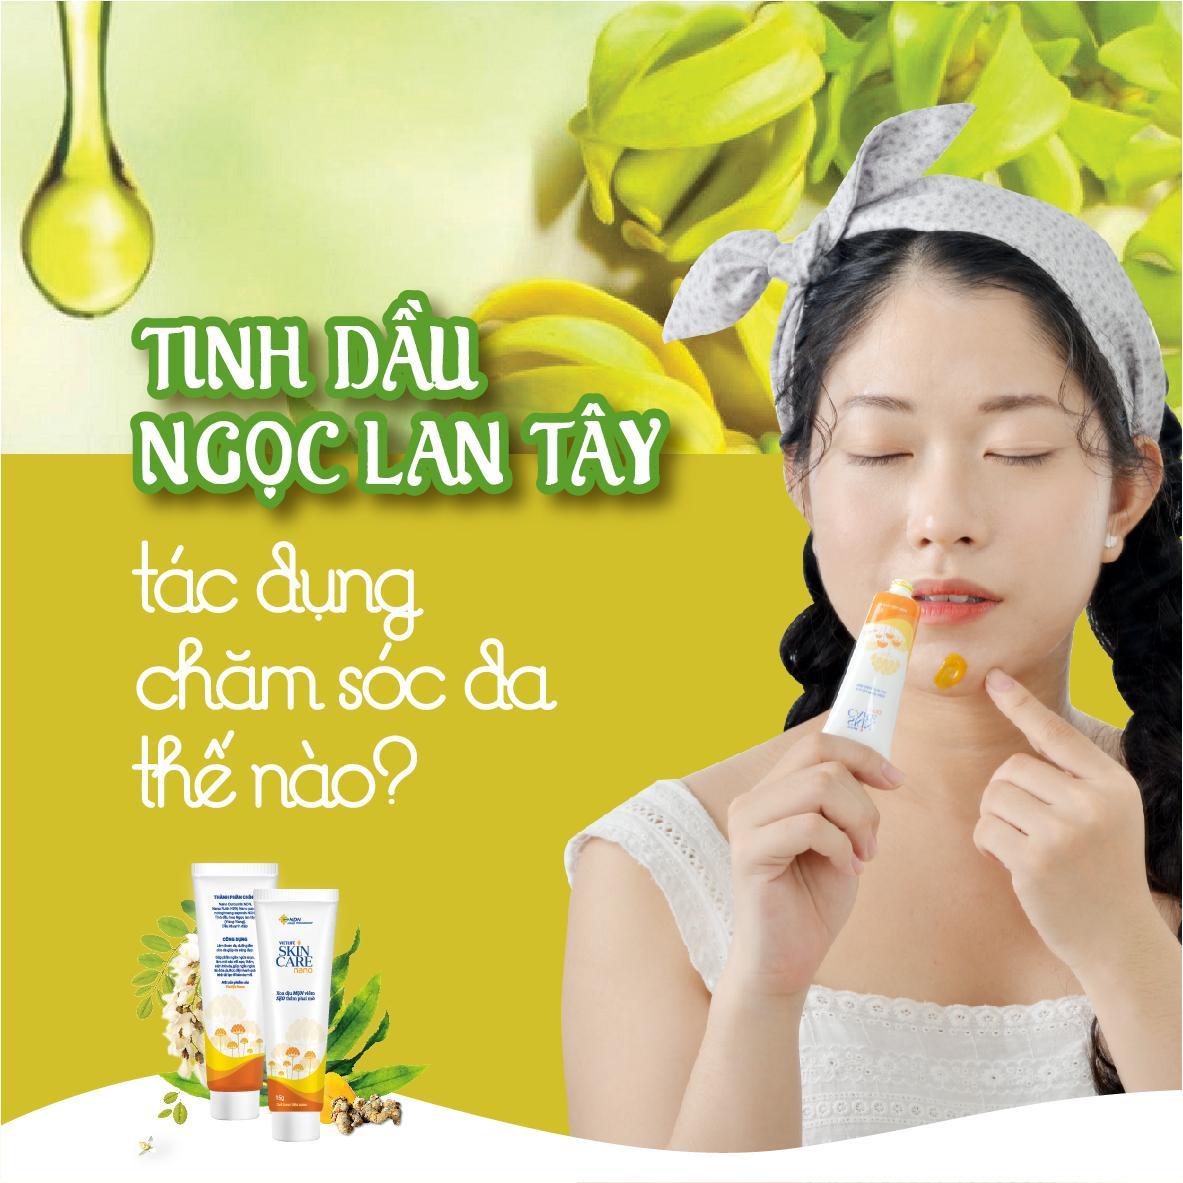 Tinh dầu ngọc lan tây- hơn cả tác dụng mang hương thơm thư giãn trong gel Vietlife Skincare Nano, đó là gì? 1